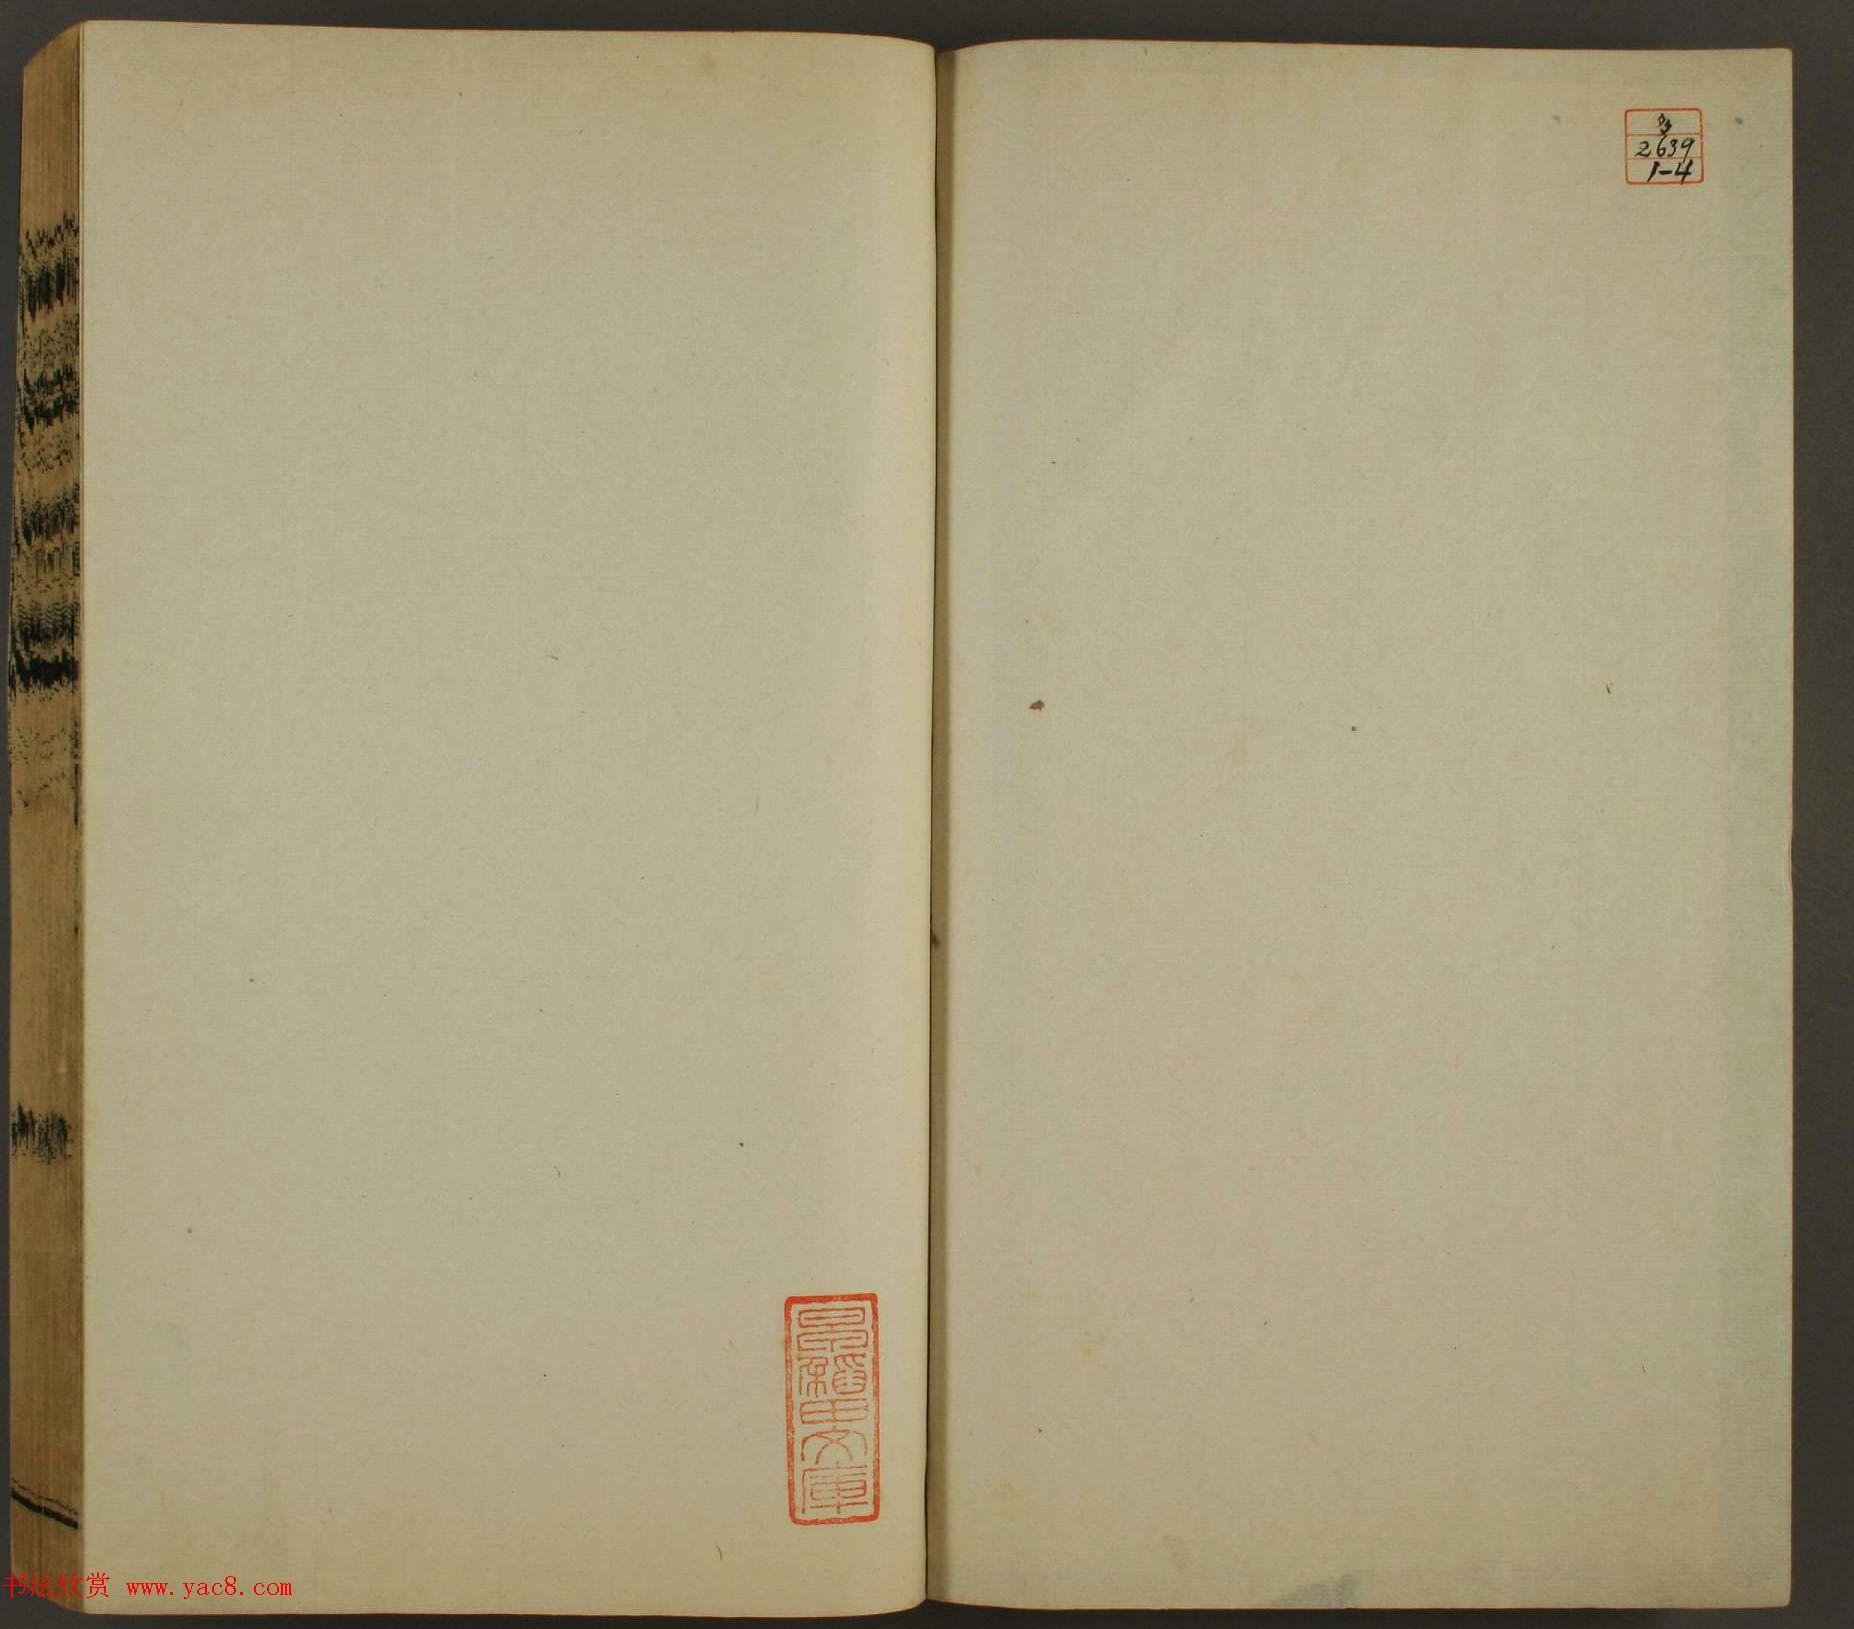 《飞鸿堂印谱四集》2卷日本早稻田大学图书馆藏